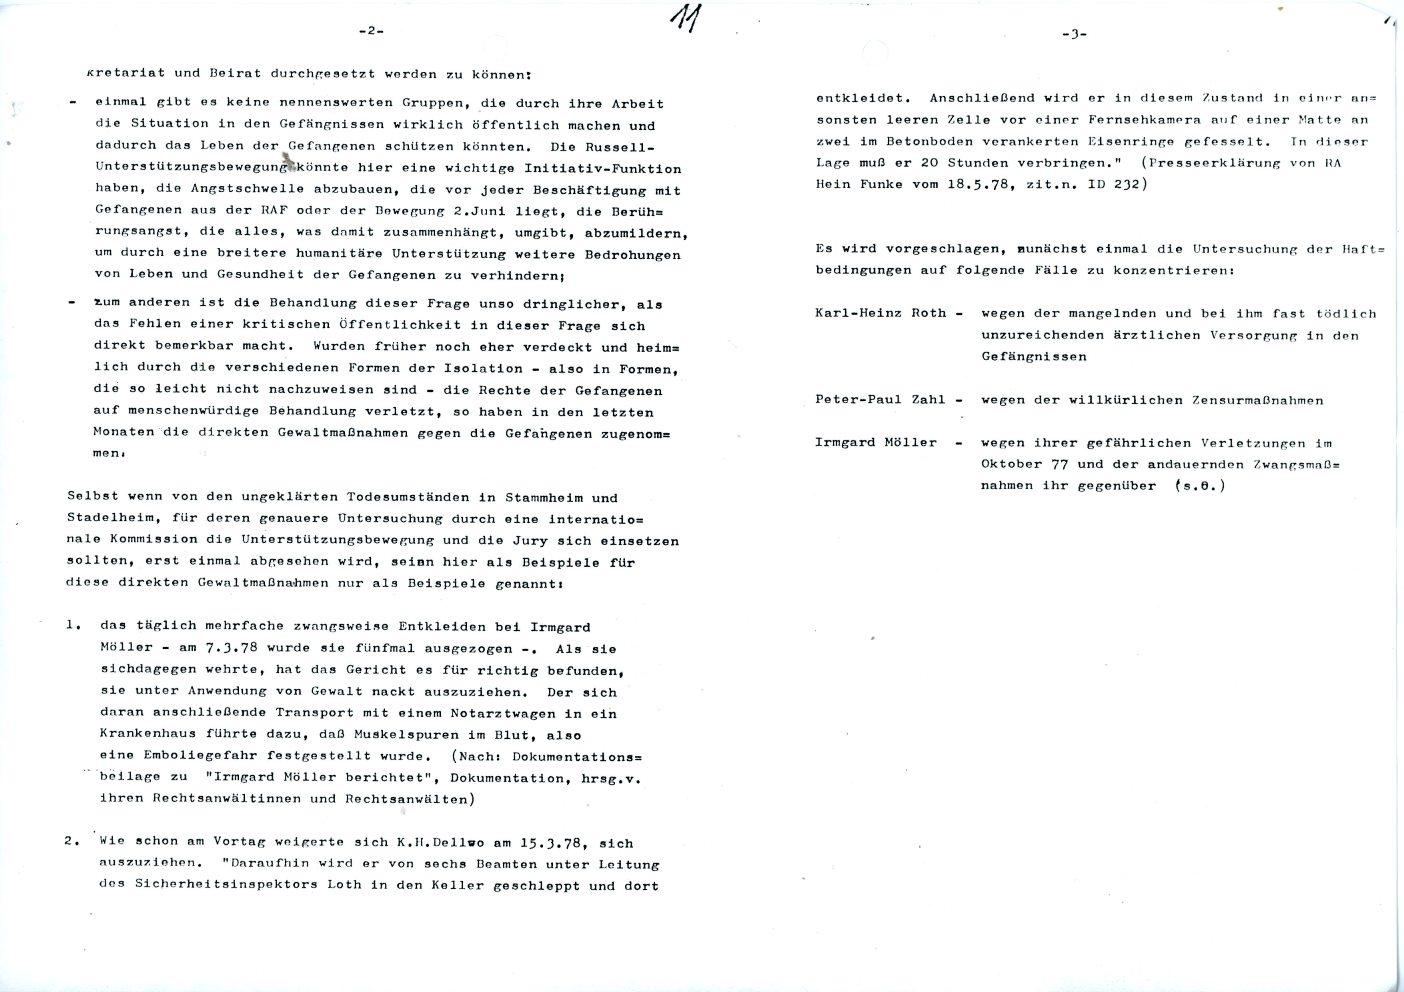 Frankfurt_Konferenz_der_Russell_Unterstuetzungsgruppen_19780624_20